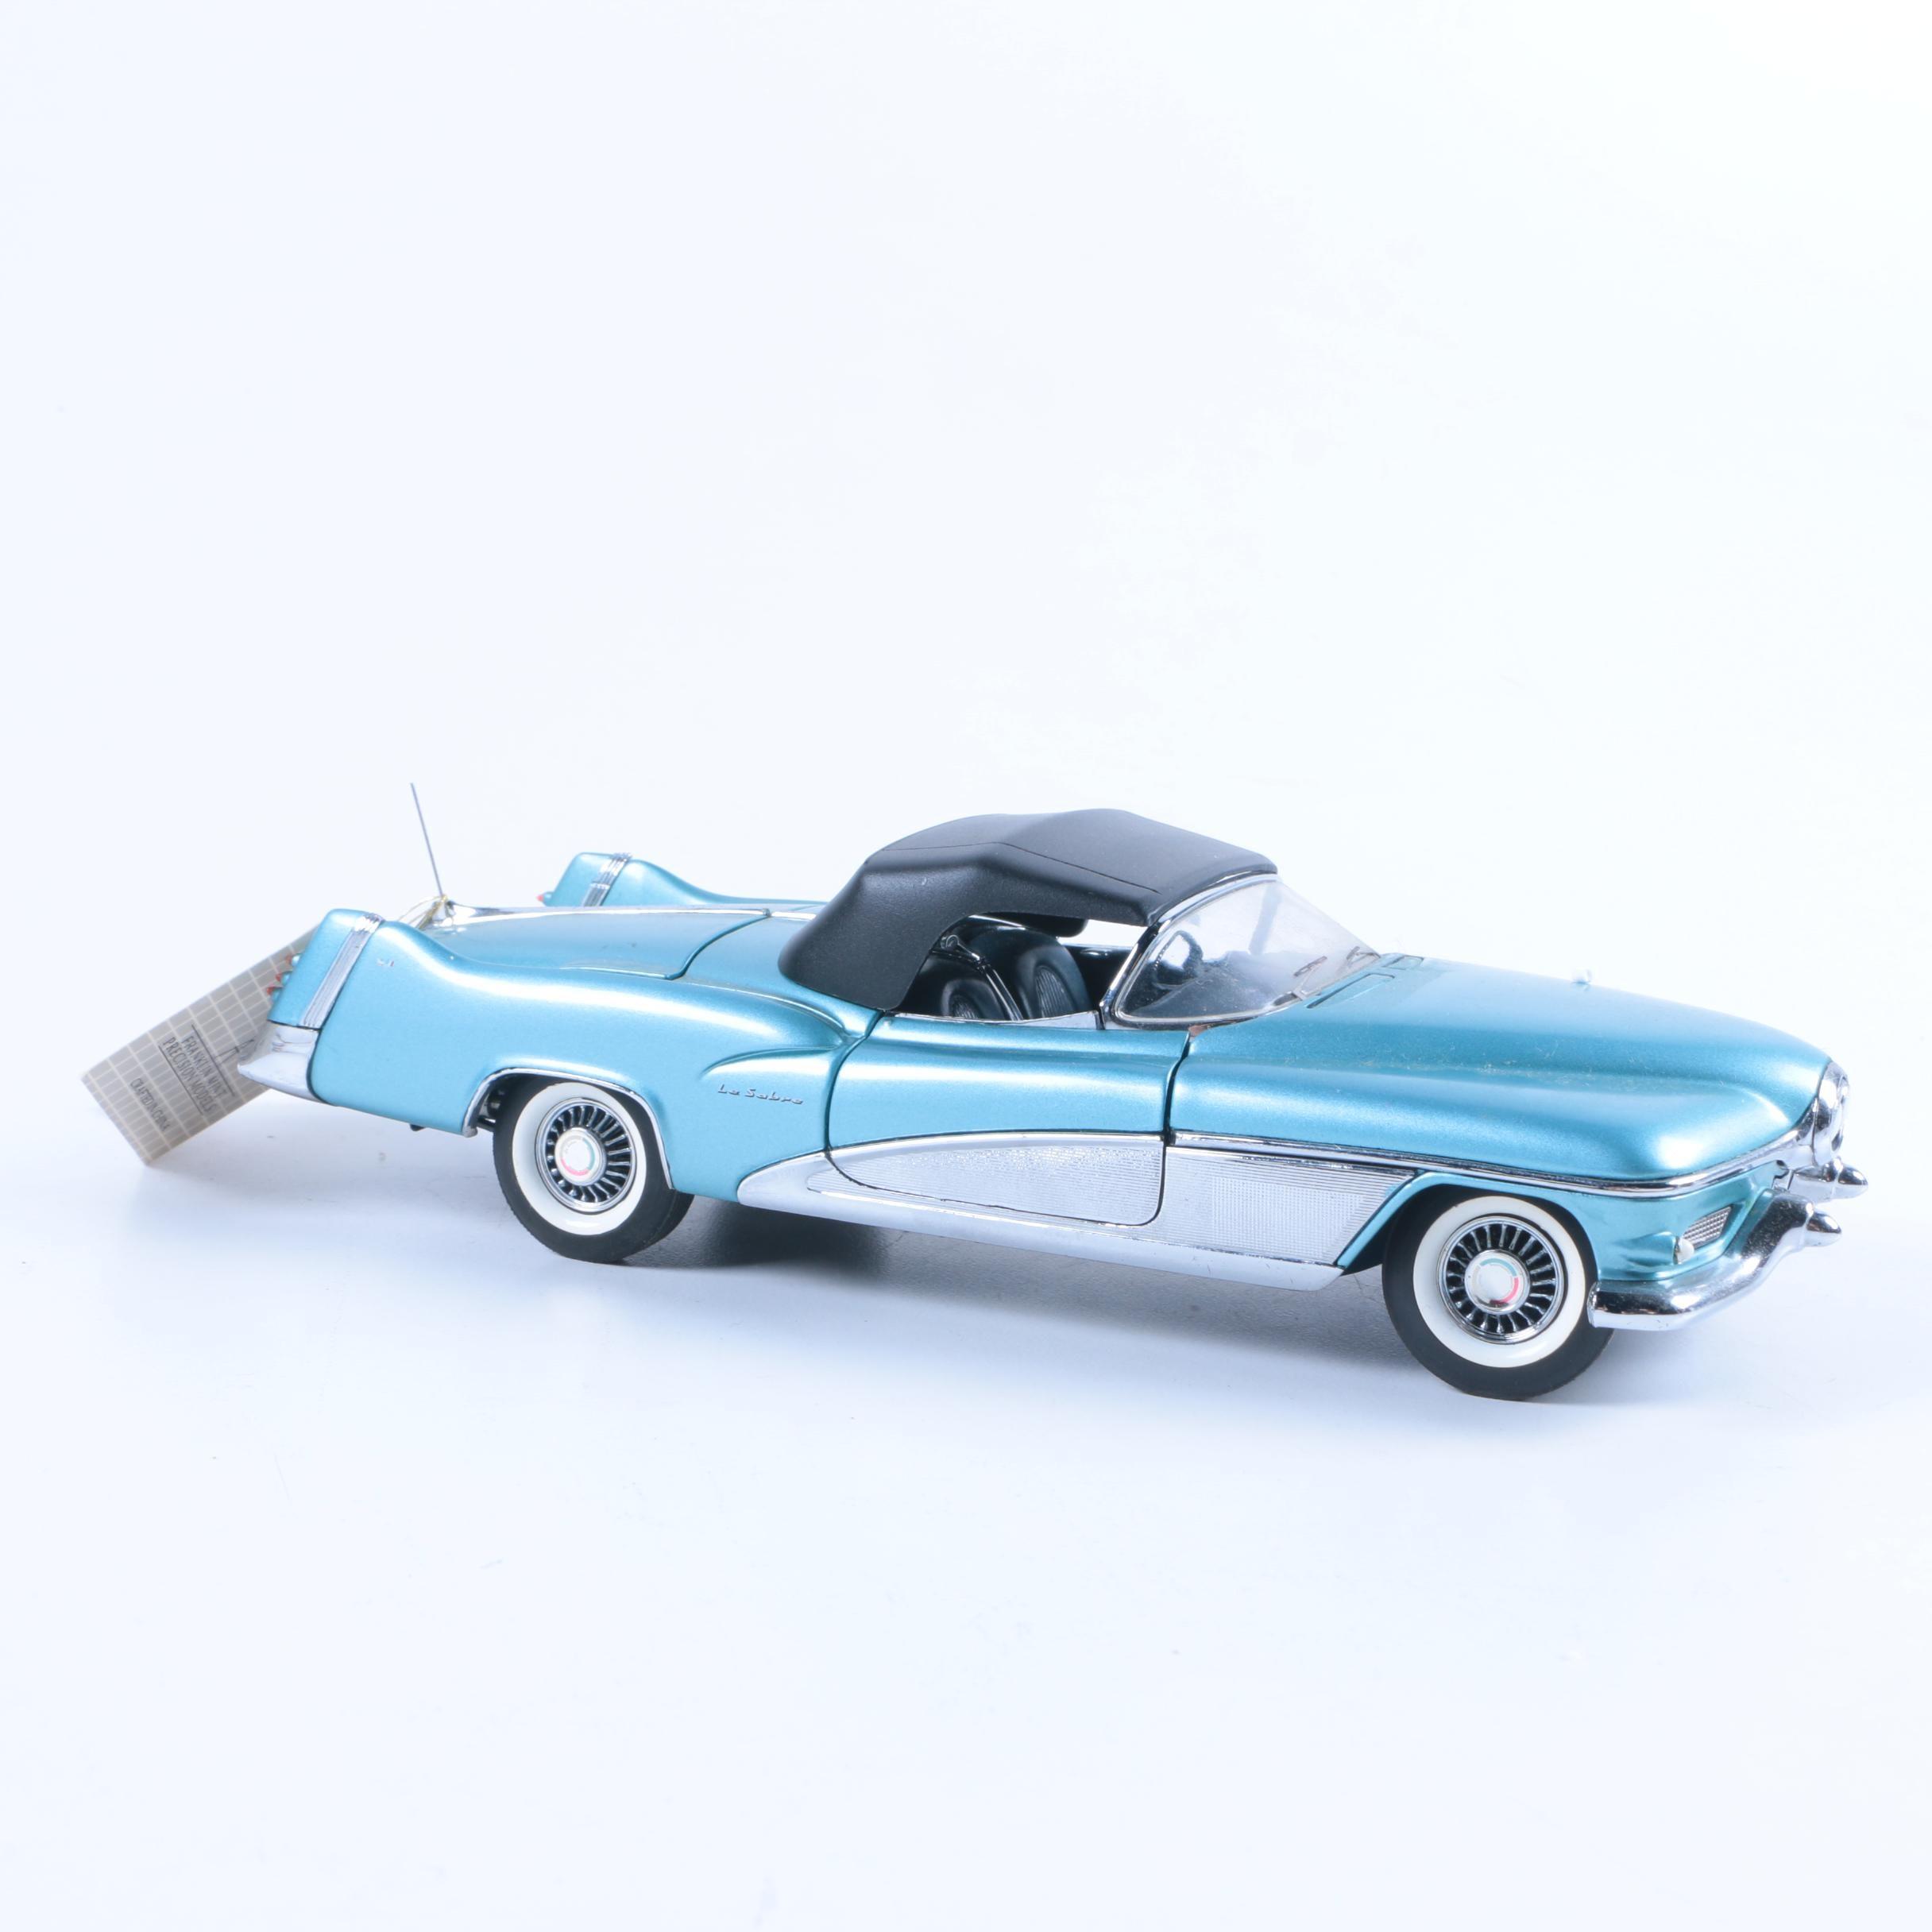 1:24 Scale Die-Cast Franklin Mint 1951 Buick Lesabre Show Car